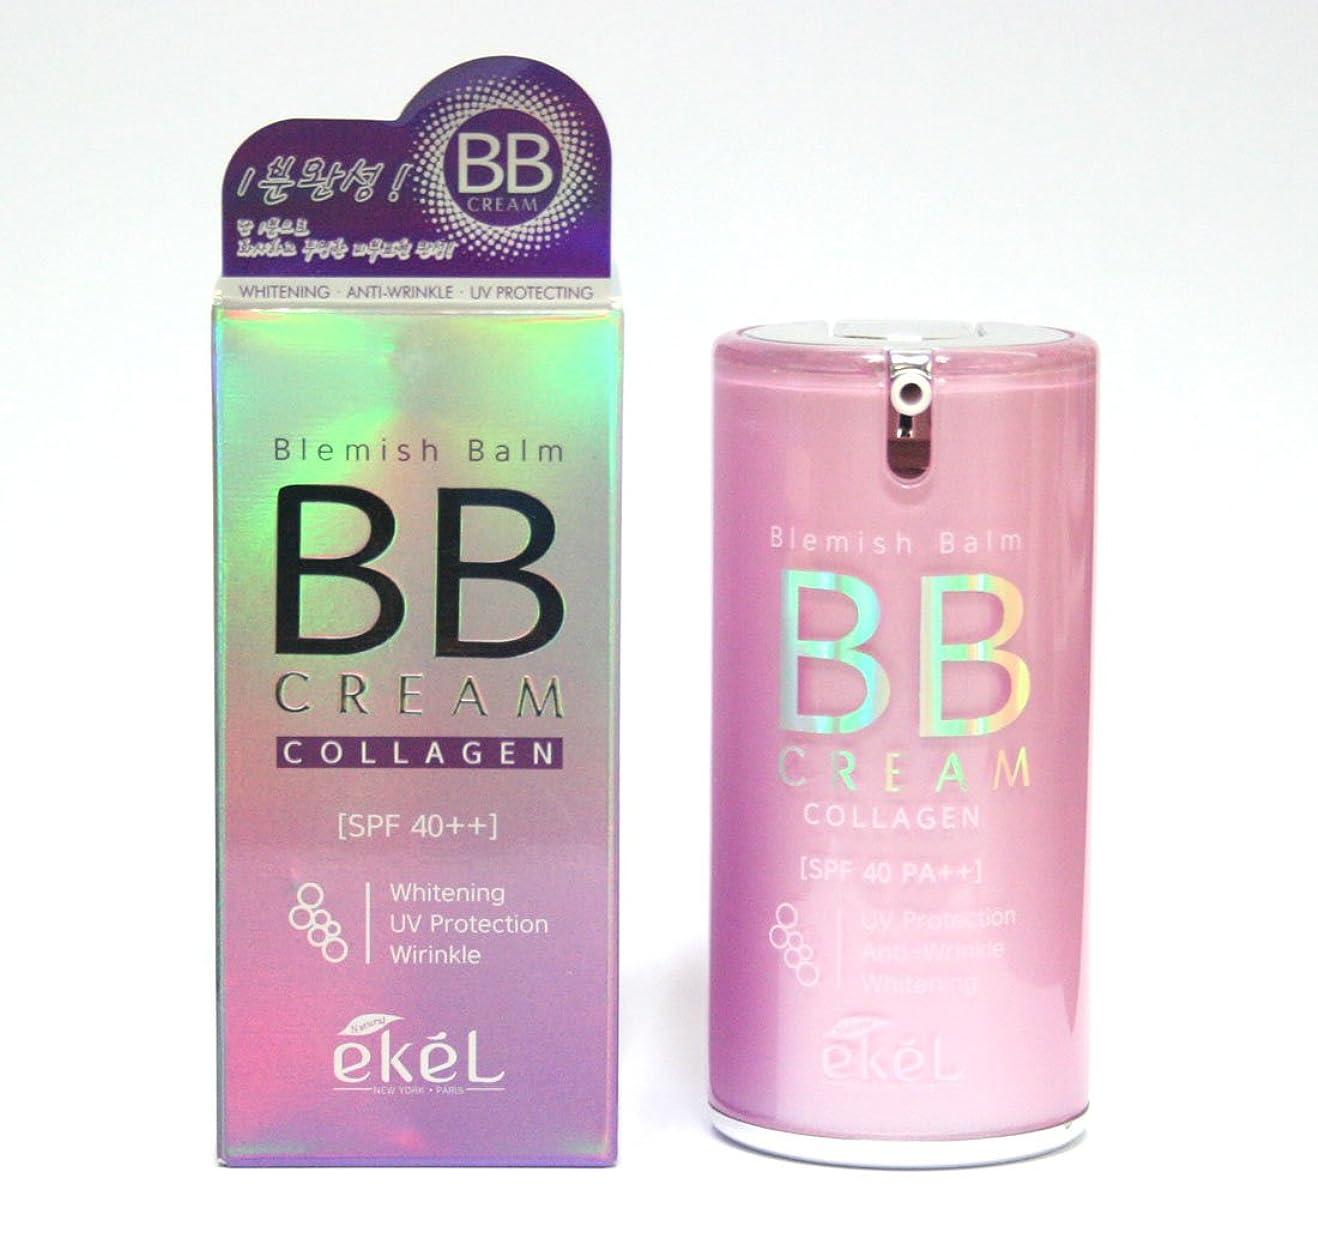 むき出しバーガーチップ[EKEL] ブレミッシュバームコラーゲンBBクリーム50g / Blemish Balm Collagen BB Cream 50g /ホワイトニング、UV保護、しわ / whitening, uv protection, wrinkle / 23号ナチュラルベージュ / No.23 natural beige / 韓国化粧品 / Korea Cosmetics [並行輸入品]